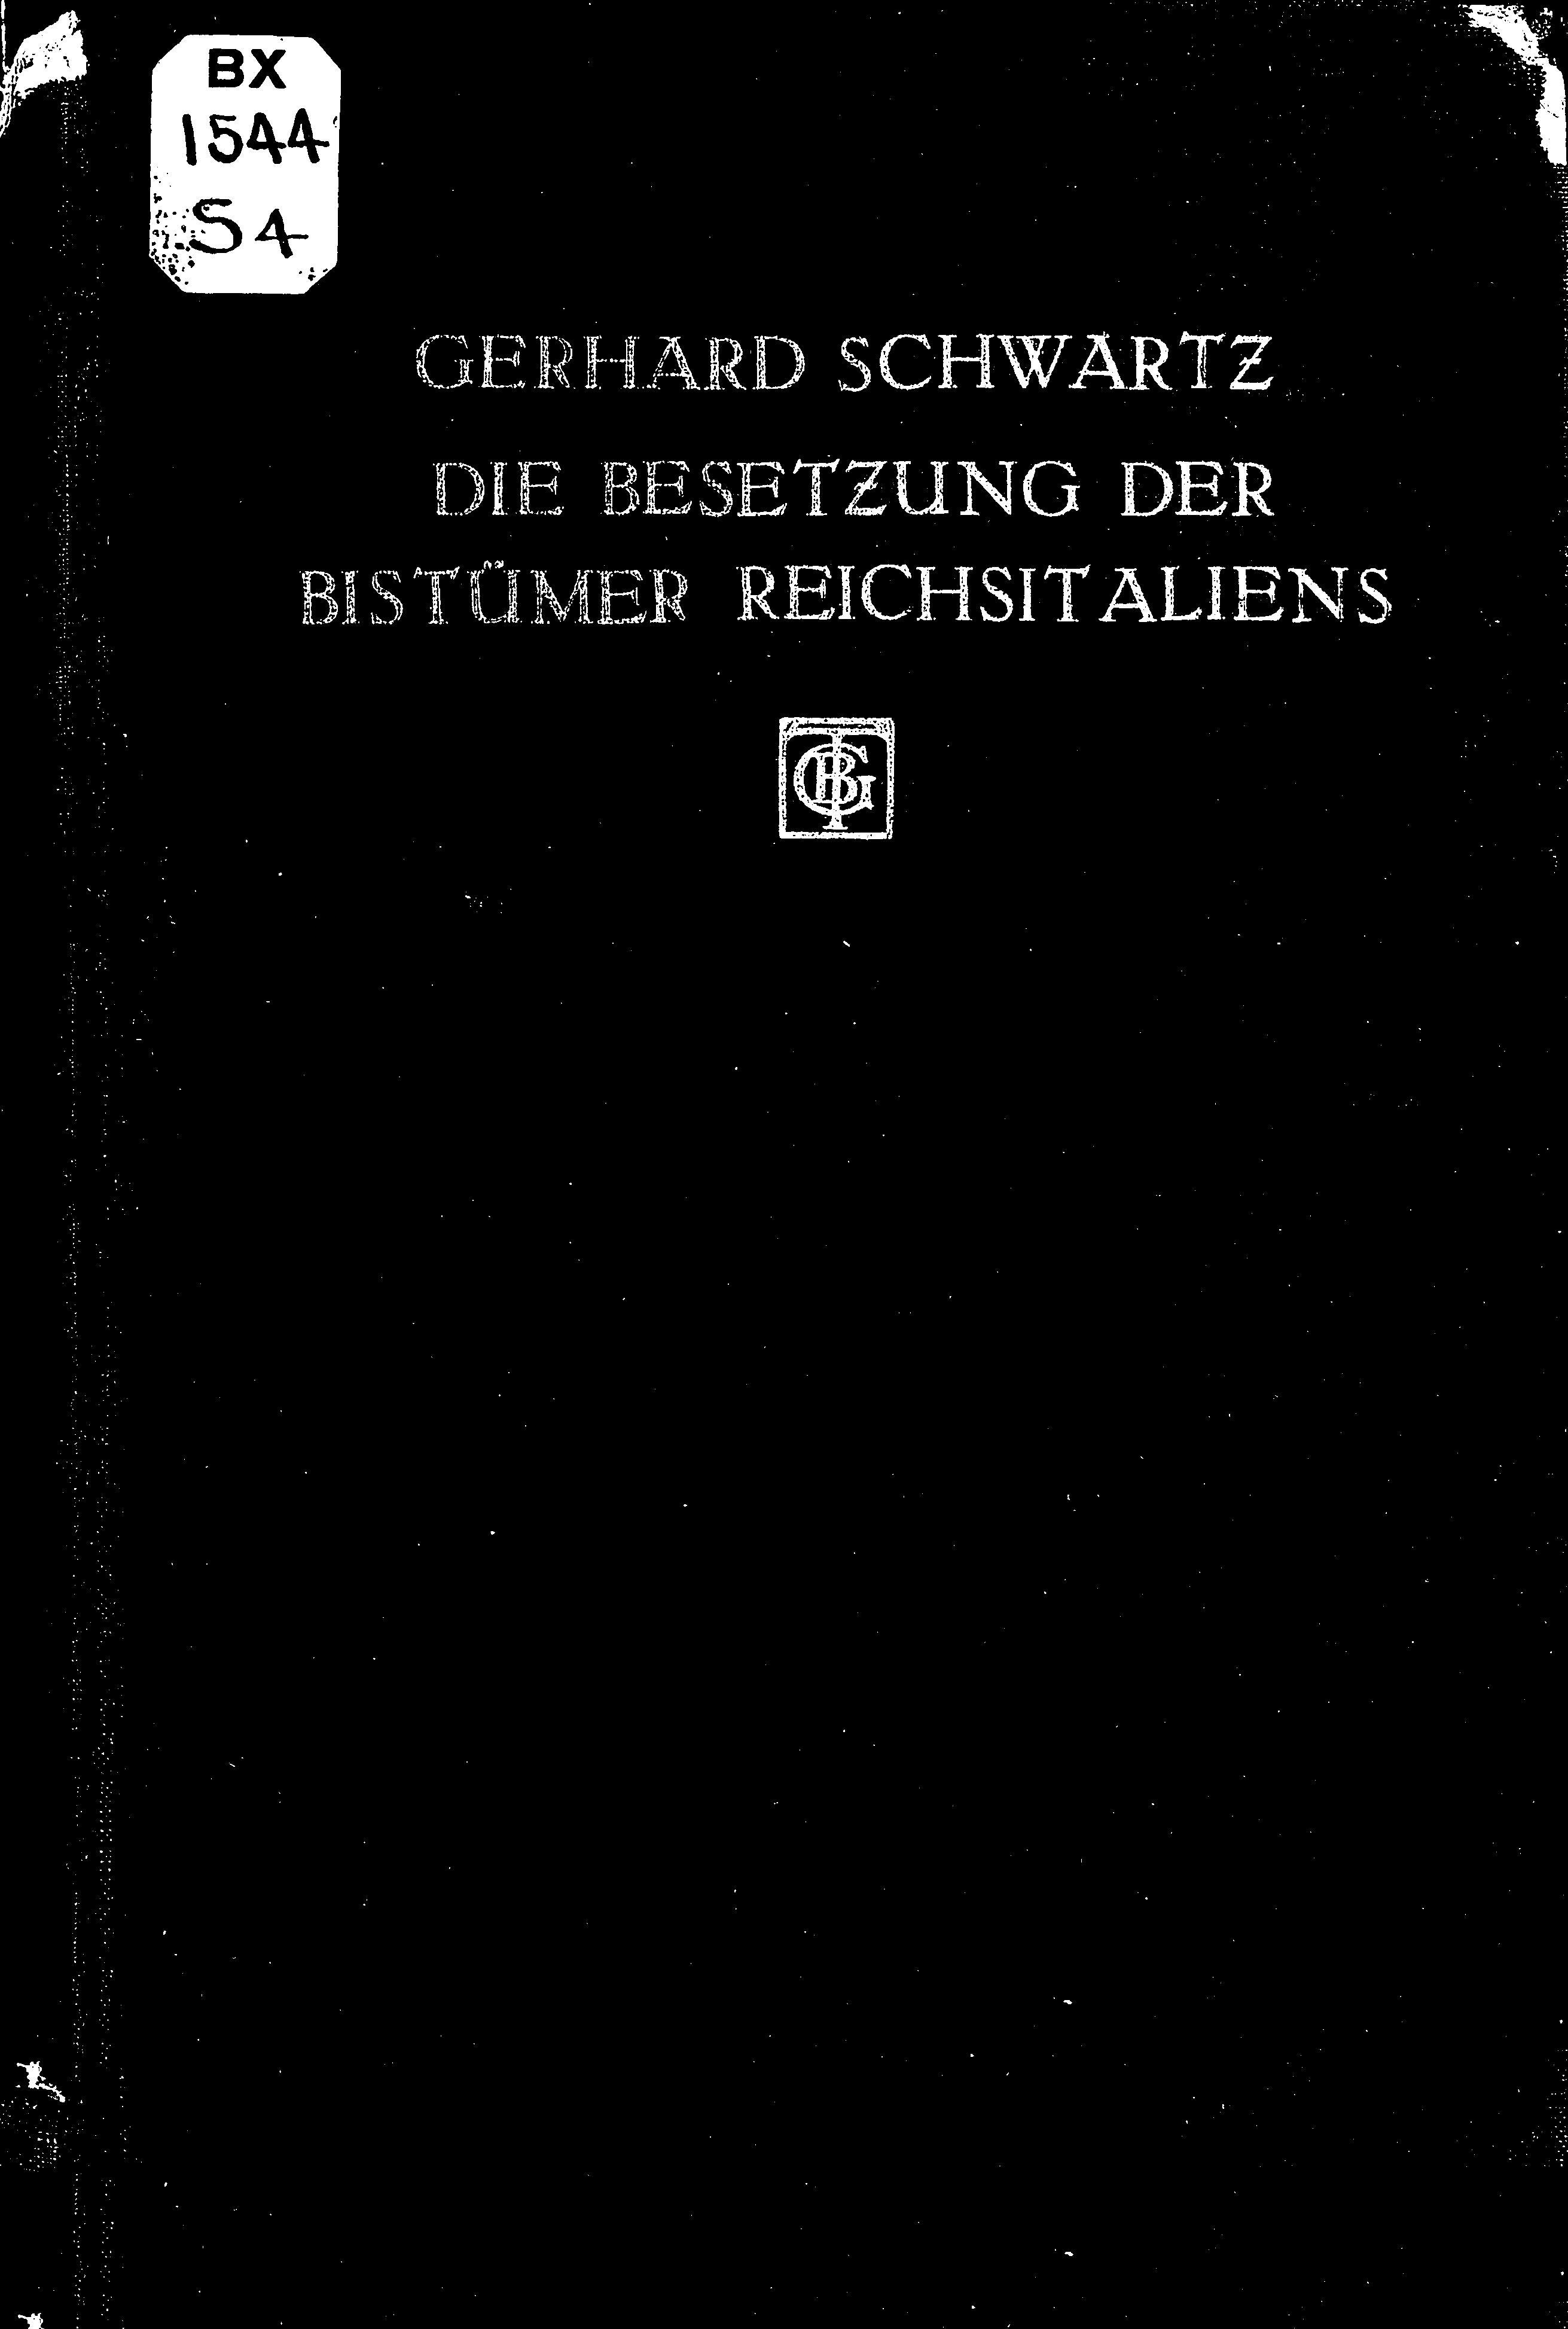 Die Besetzung der Bistümer Reichsitaliens unter den sächsischen und salischen Kaisern by von Gerhard Schwartz.